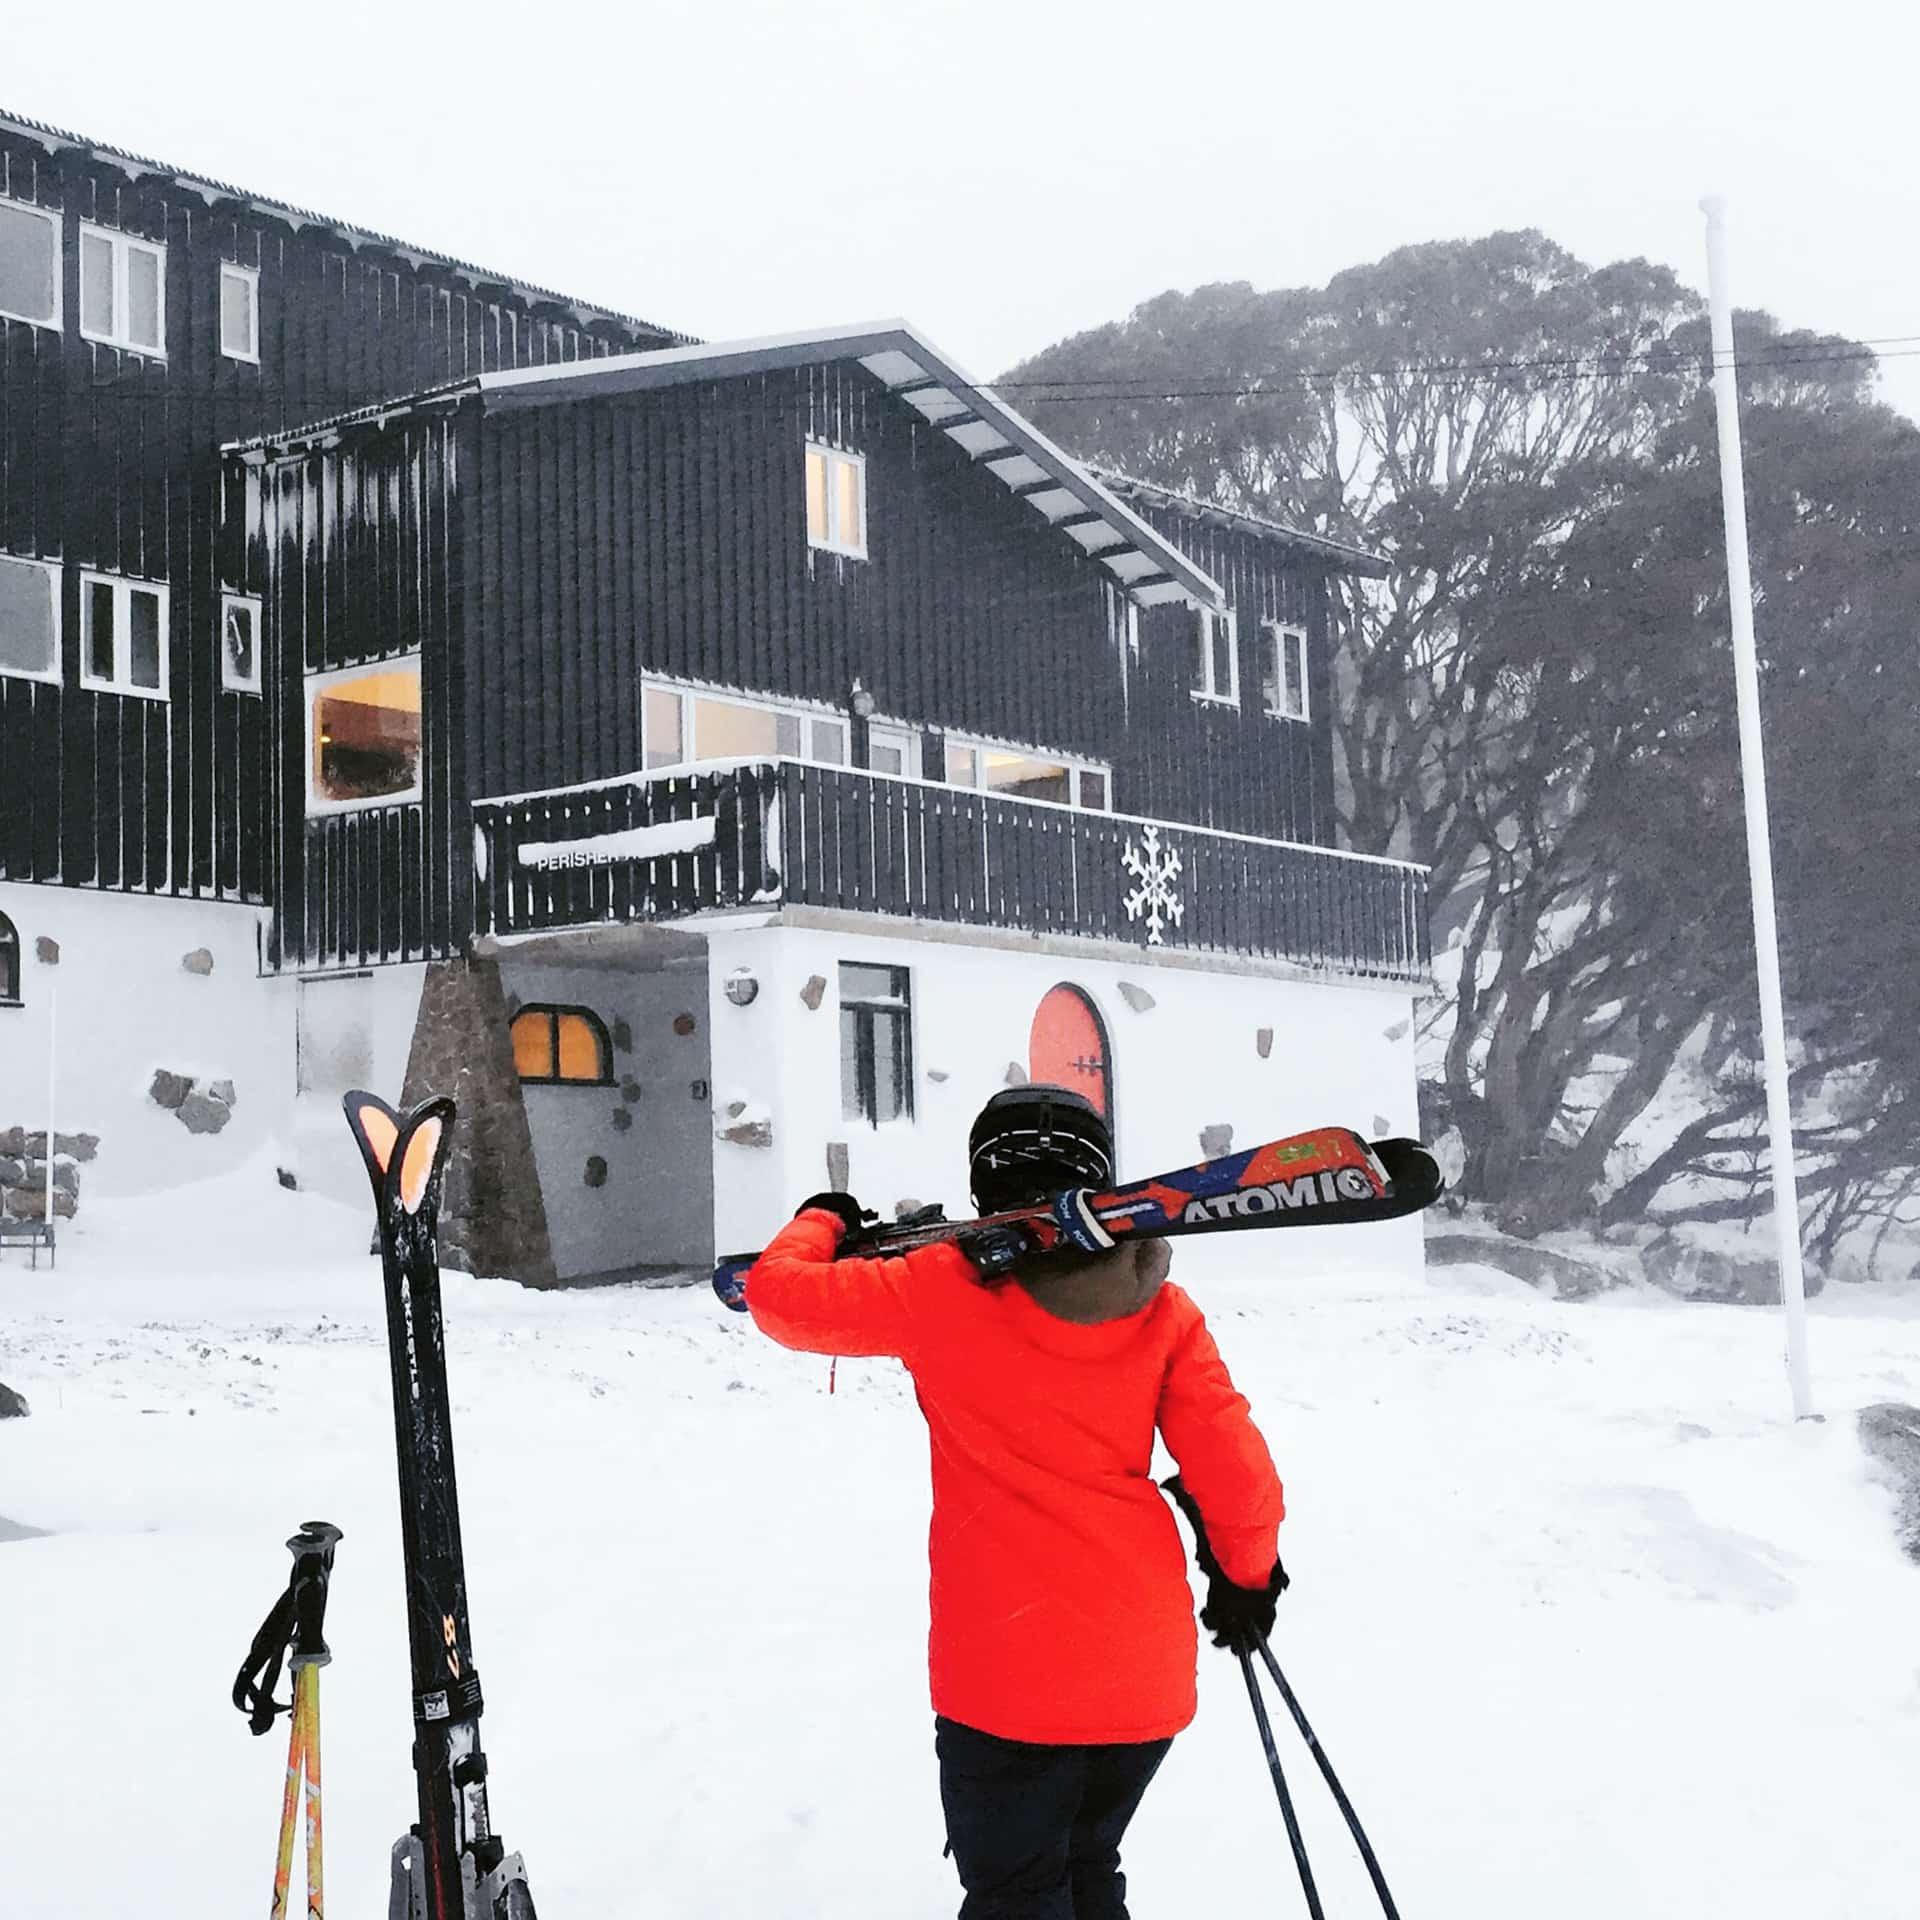 ski lodge renovation